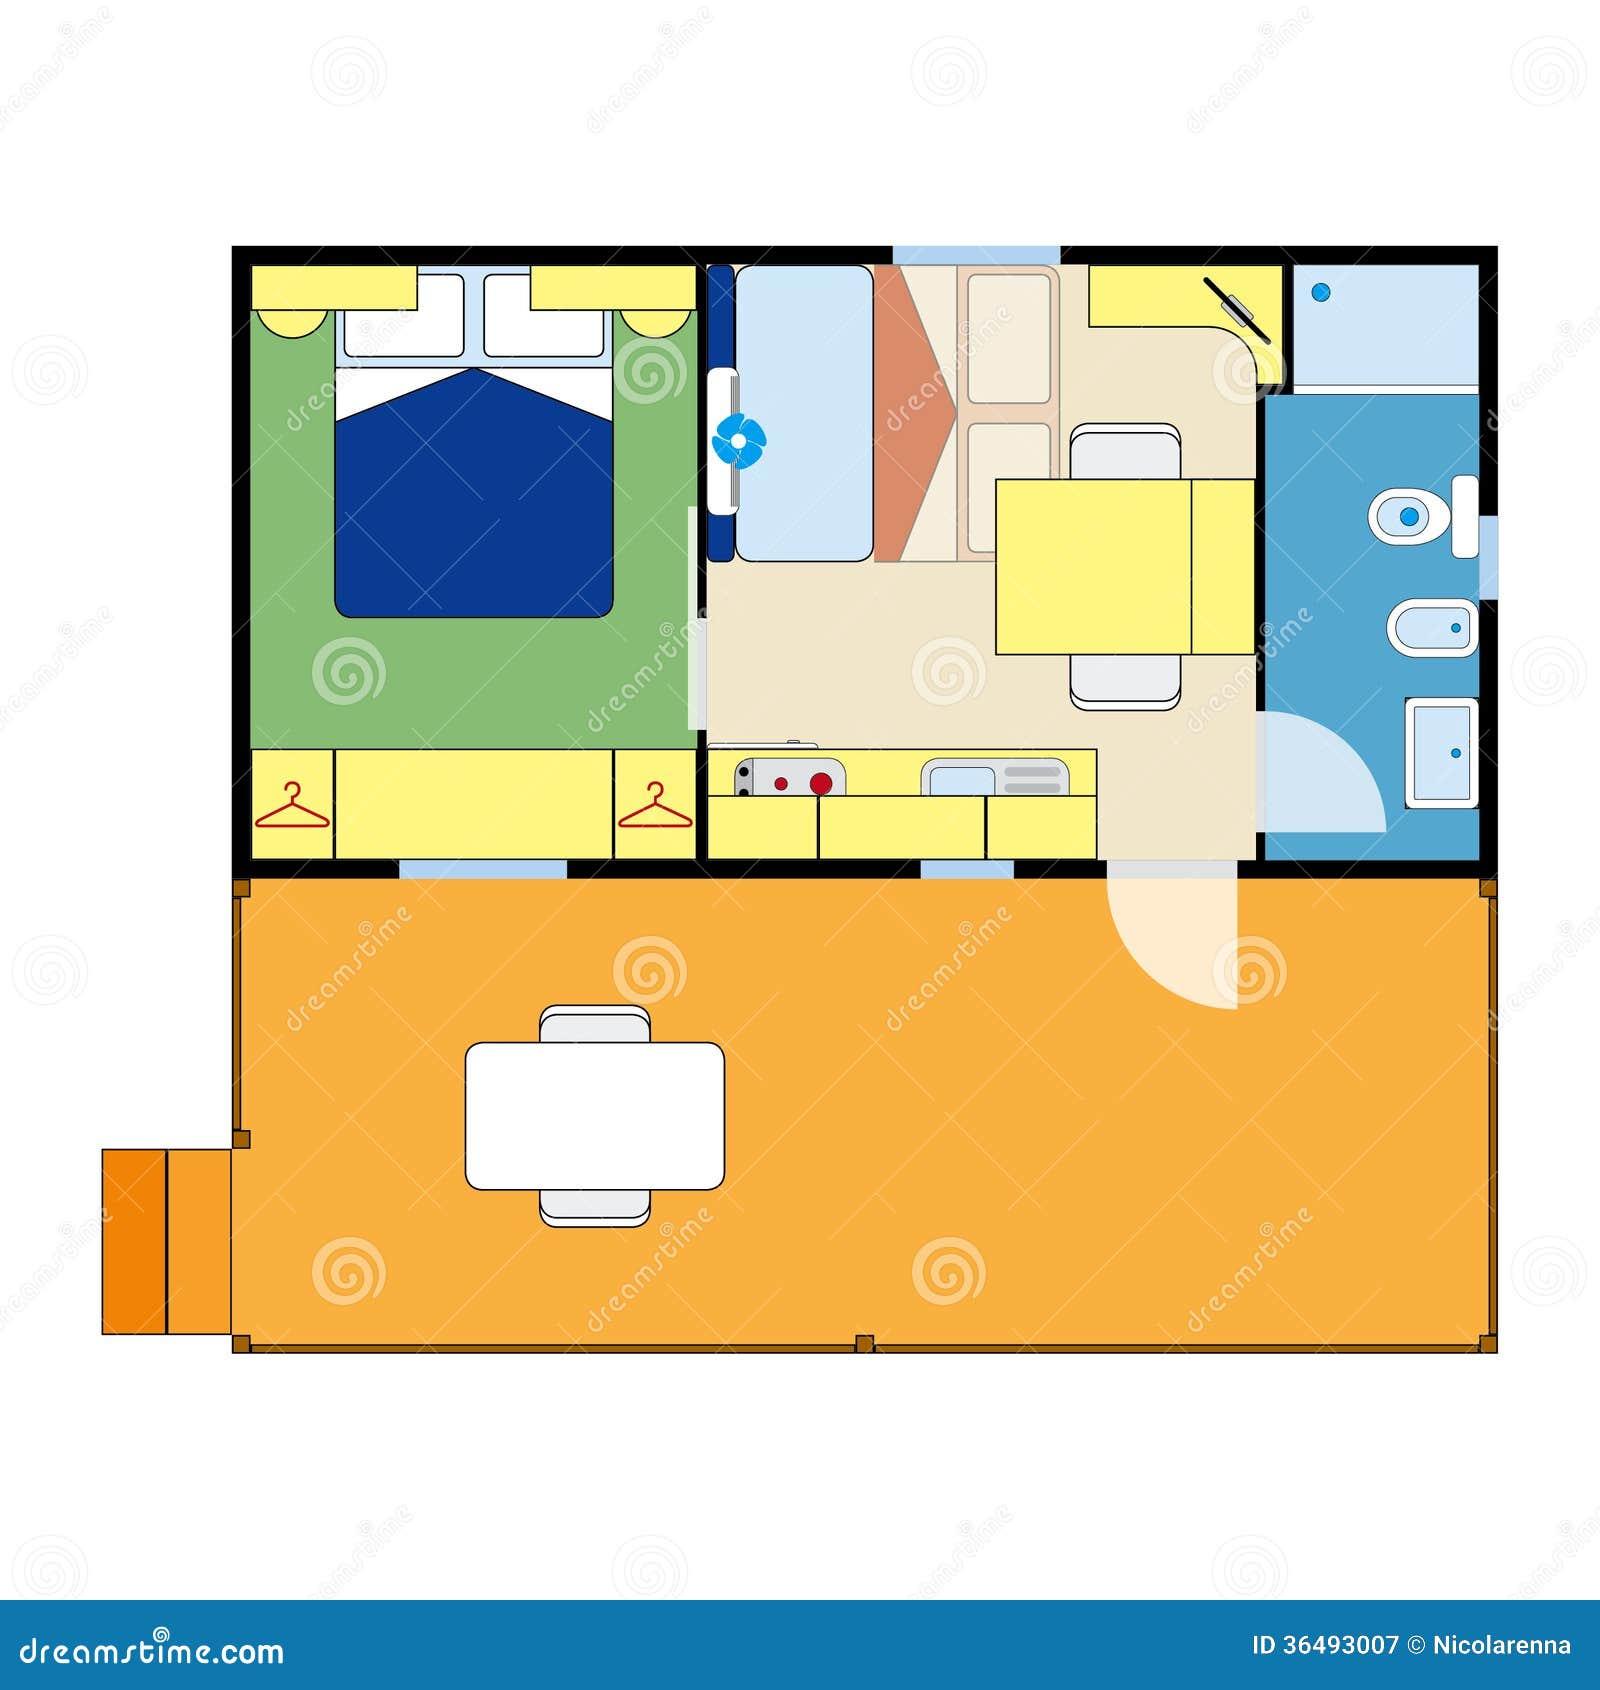 Wohnungsplan  Wohnungsplan Lizenzfreie Stockfotografie - Bild: 36493007